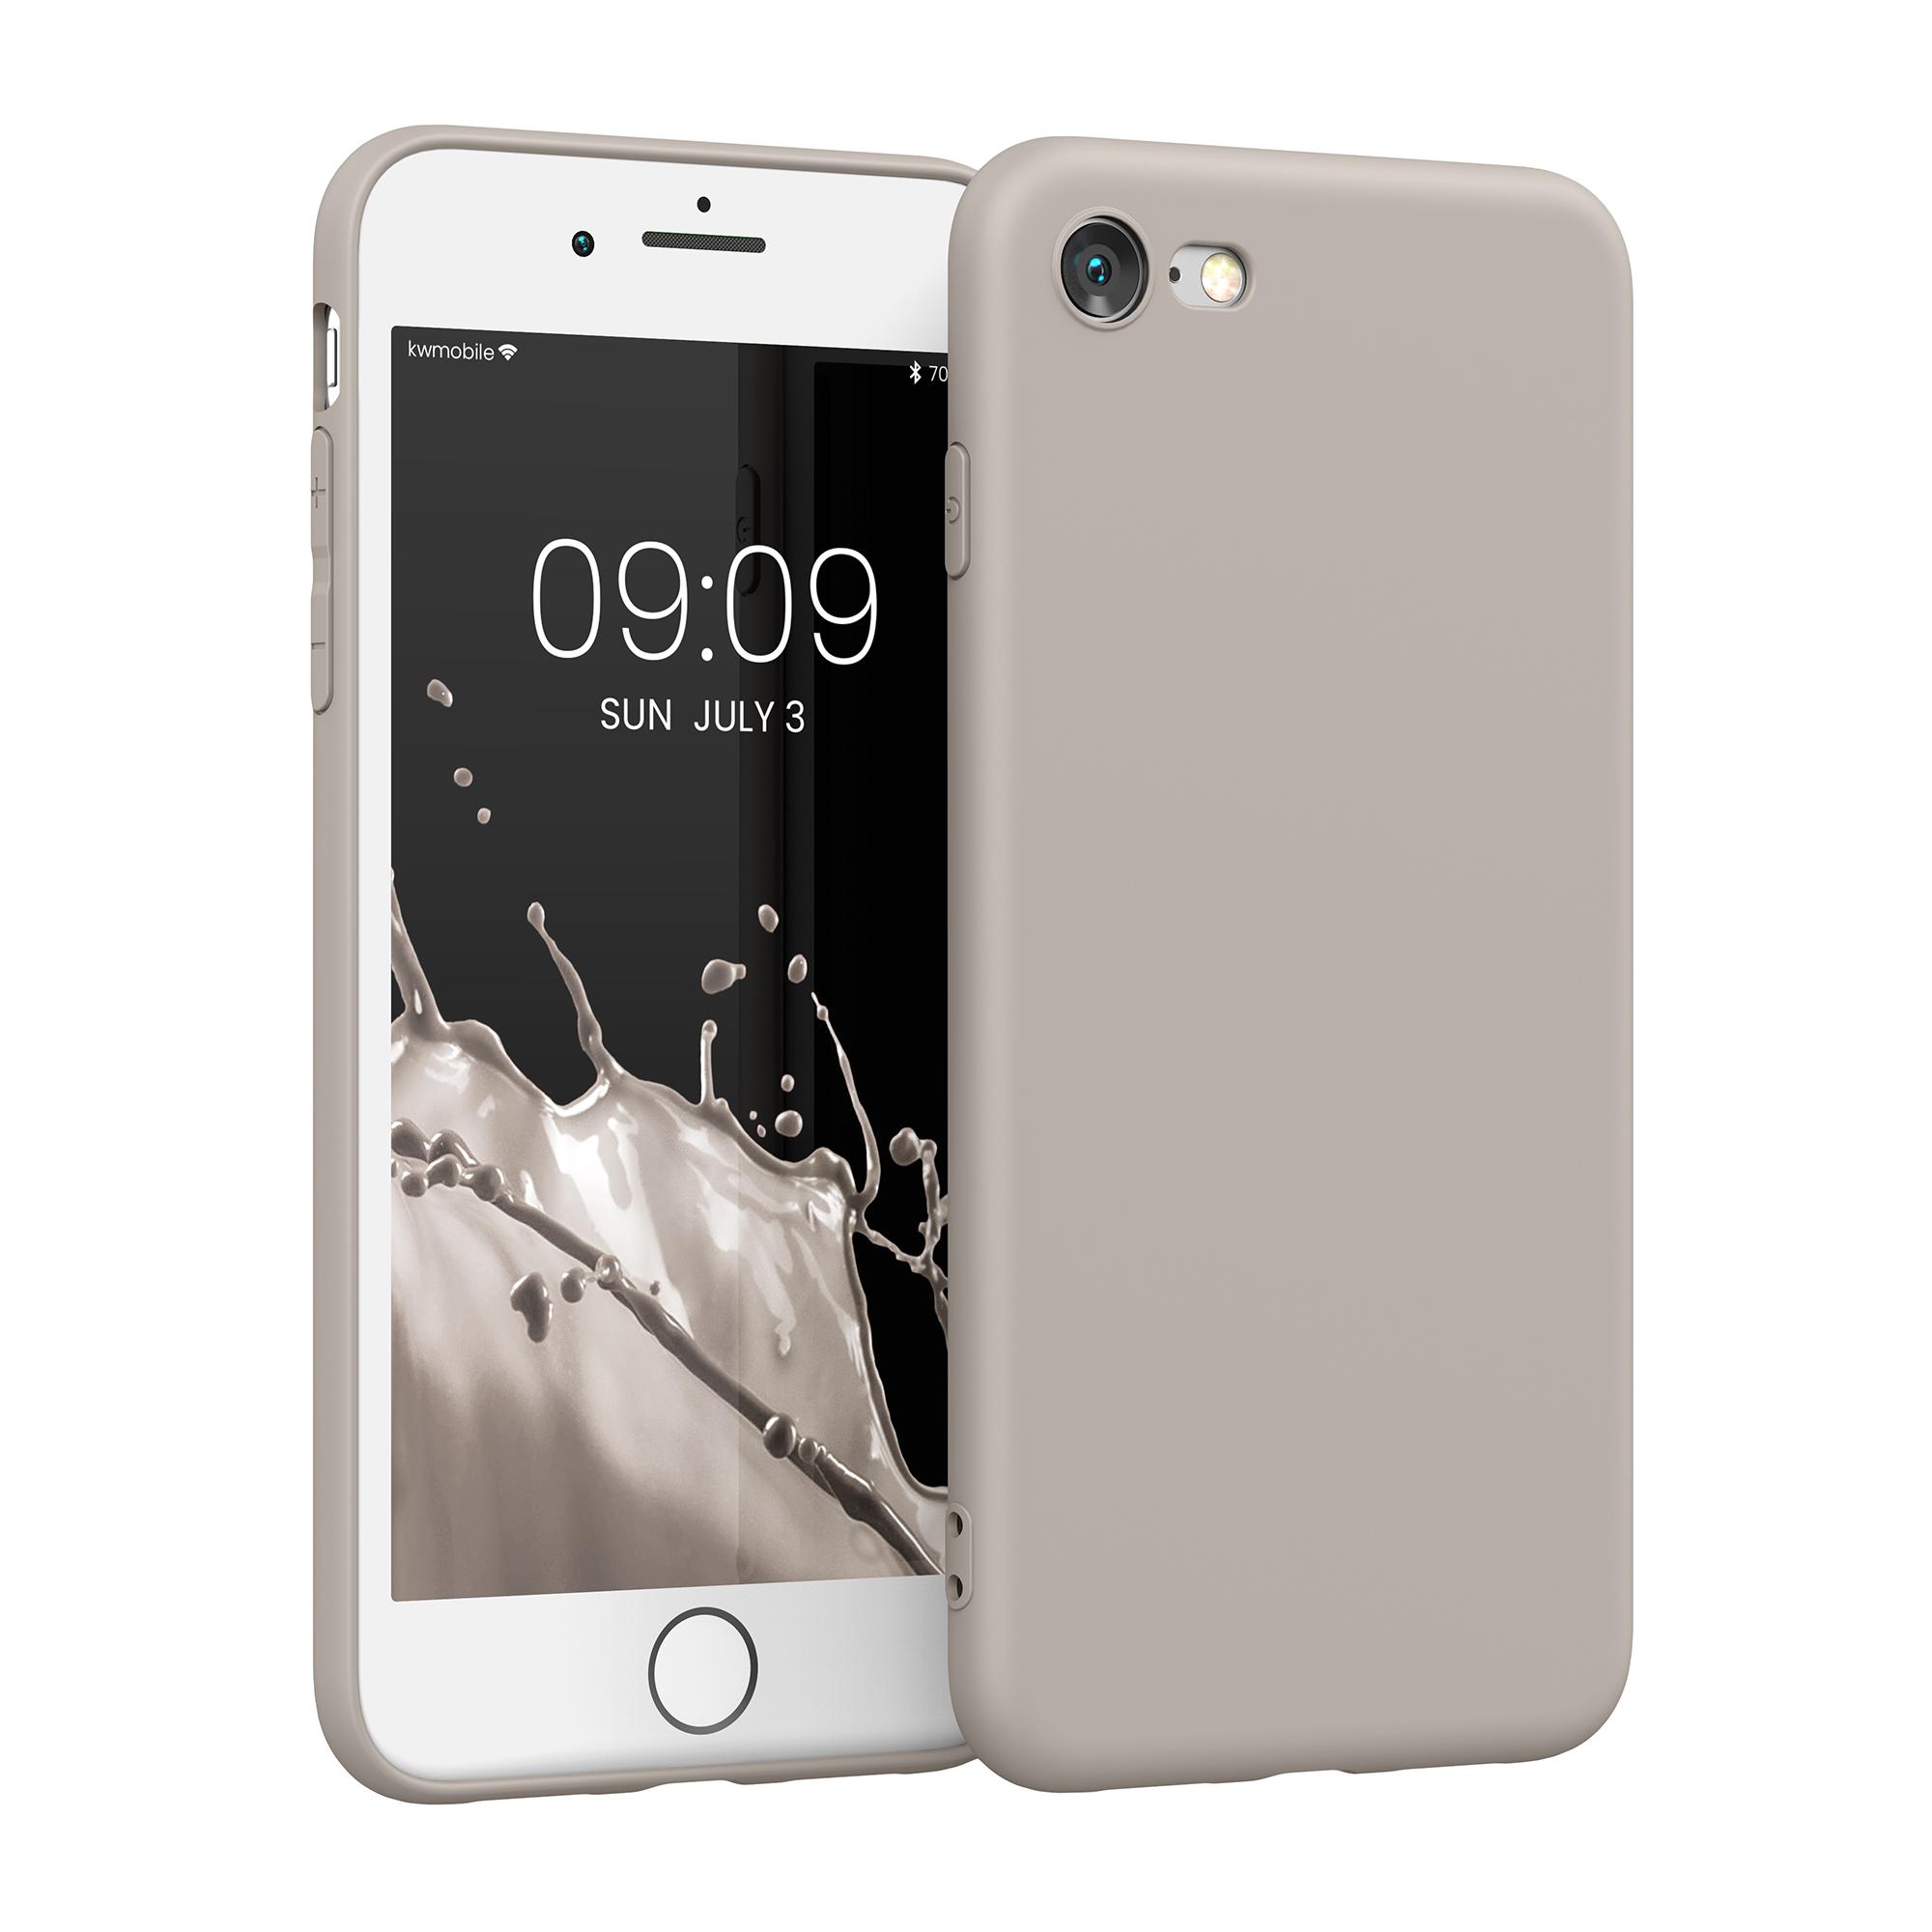 Kvalitní silikonové TPU pouzdro pro Apple iPhone 7 / 8 / SE  - Cream Matte